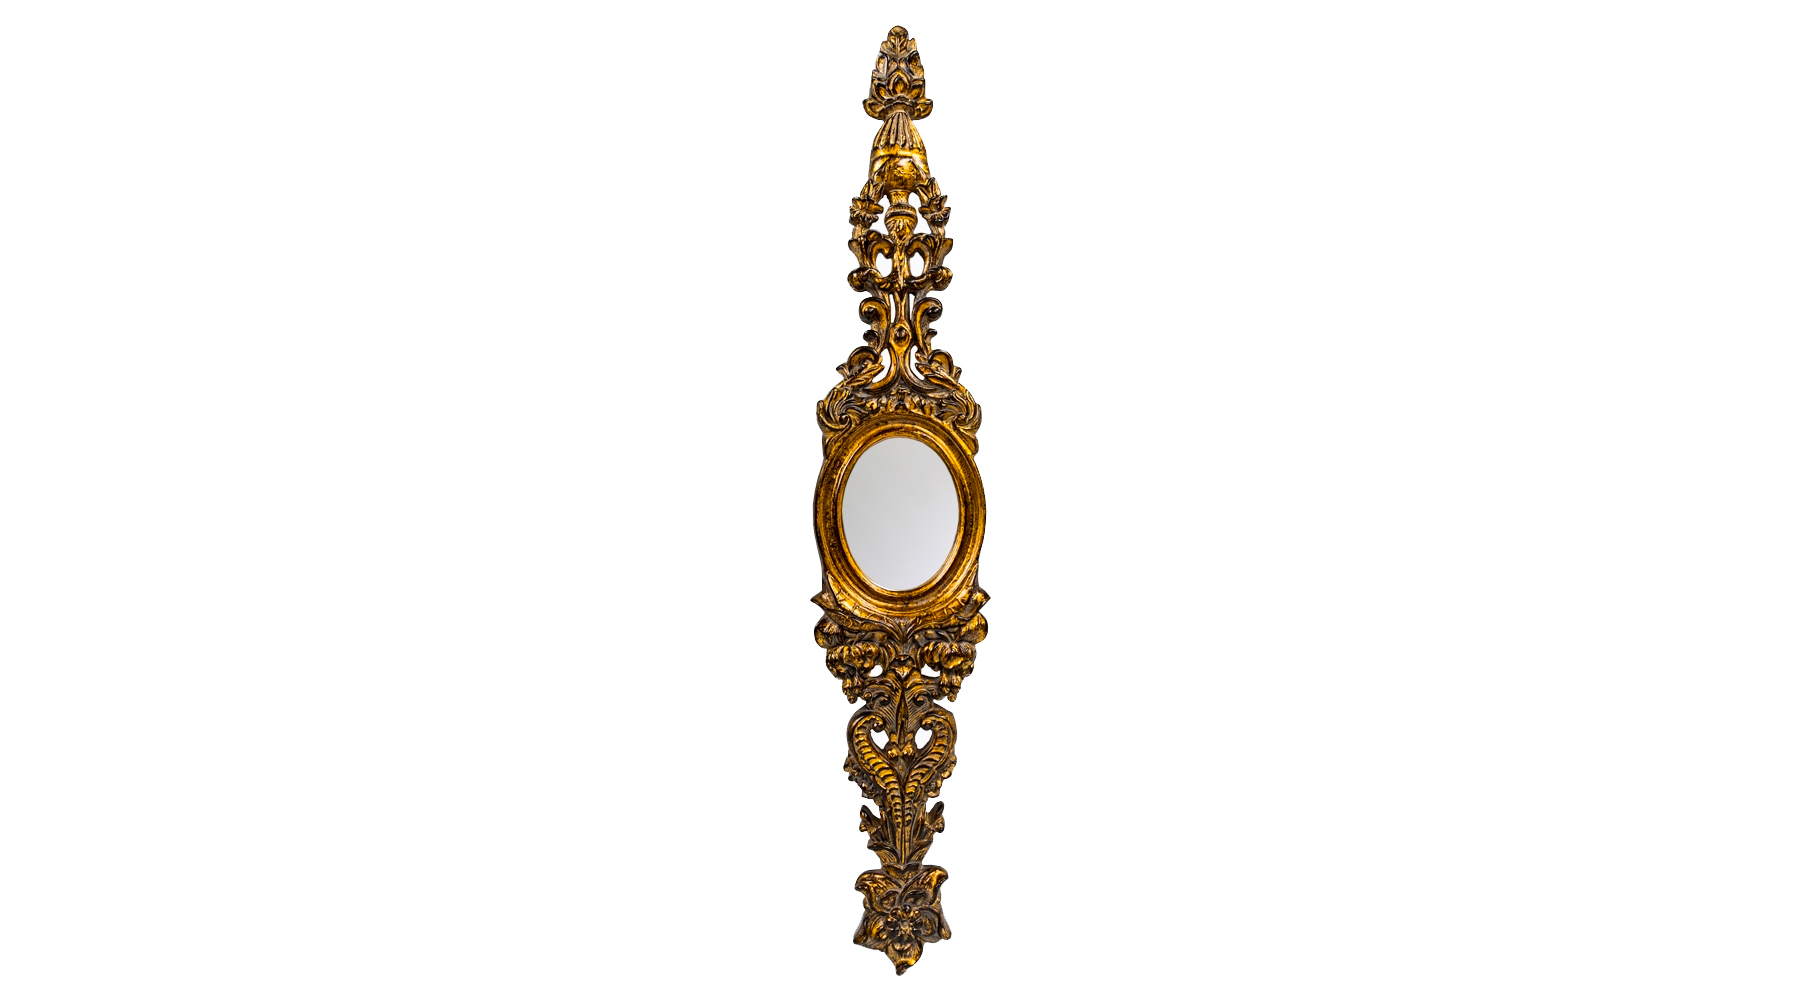 Настенное зеркало «Моник»Настенные зеркала<br>Такое необычное зеркало-панно напоминает старинные дамские украшения из благородных металлов. Золоченая рама с тончайшей резьбой изготовлена из мебельного полиуретана. Этот материал очень прочен, не крошится, не трескается. Качественное лакокрасочное покрытие не изменяет своих свойств, не тускнеет со временем. Зеркальная гладь толщиной 5 мм с покрытием из серебряной амальгамы максимально точно, без искажений отражает объекты и предметы. Она не боится влаги и не подвержена коррозии. Вес: 1,6 кг.<br><br>Material: Полиуретан<br>Ширина см: 23<br>Высота см: 124<br>Глубина см: 4